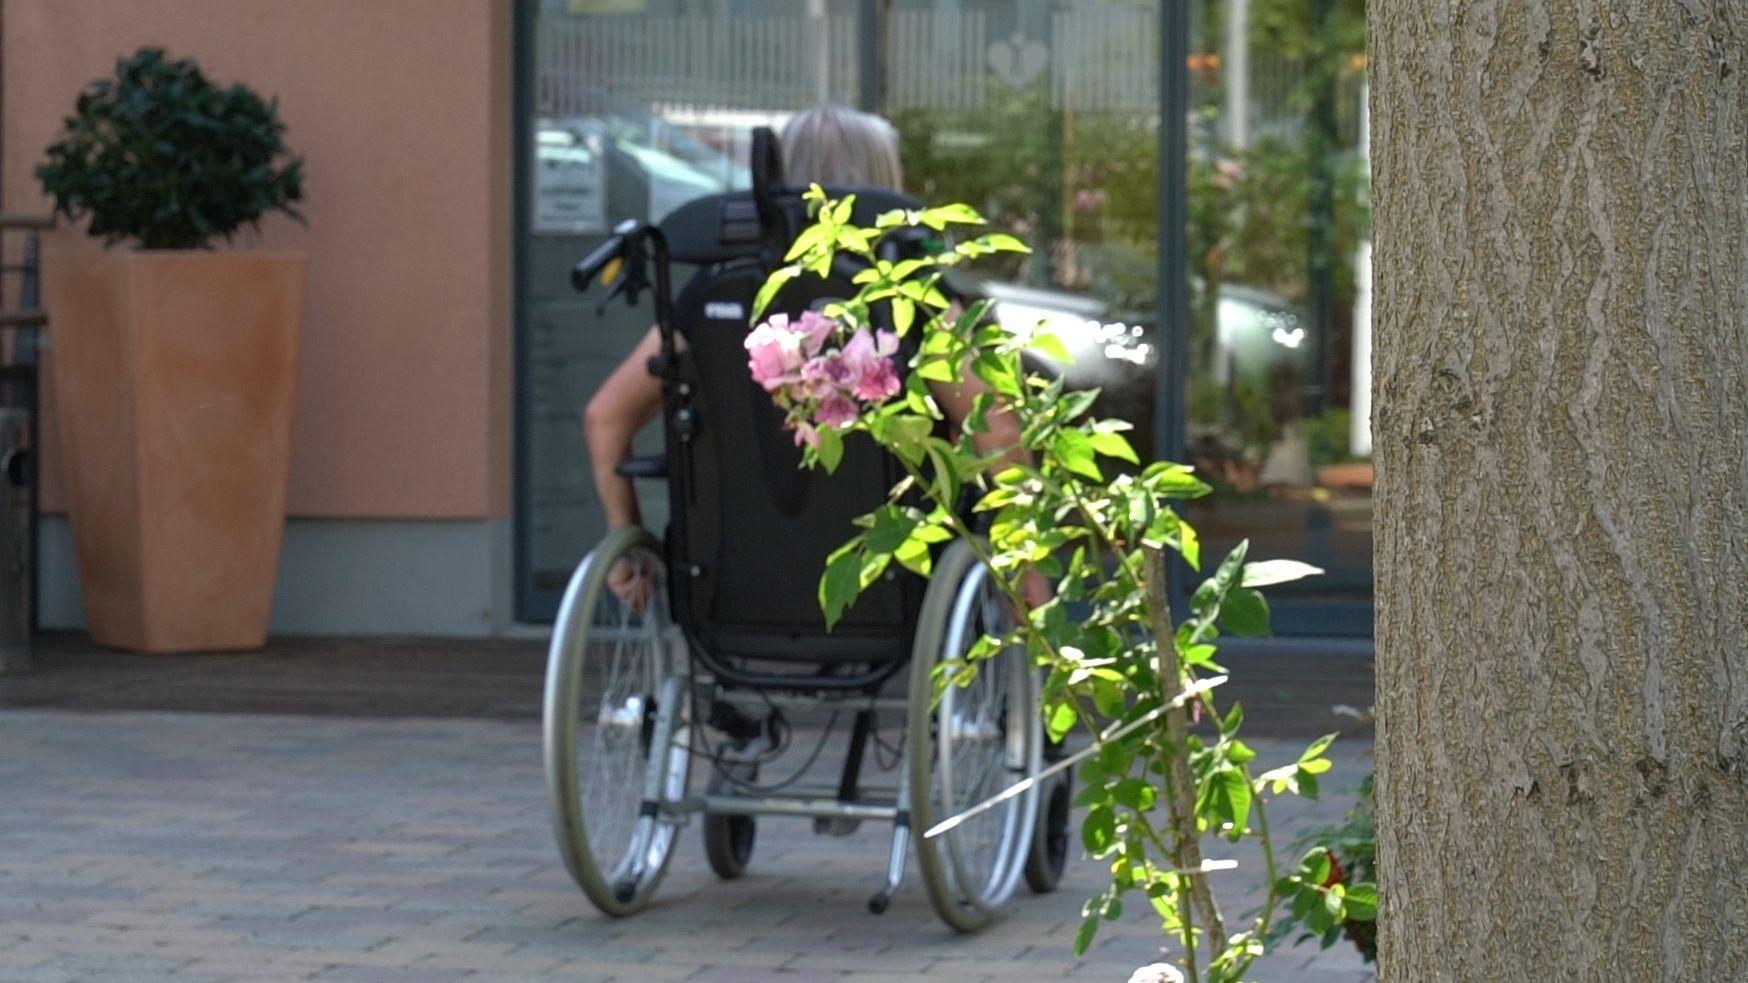 Rollstuhlfahrerin auf dem Gelände eines Seniorenheims